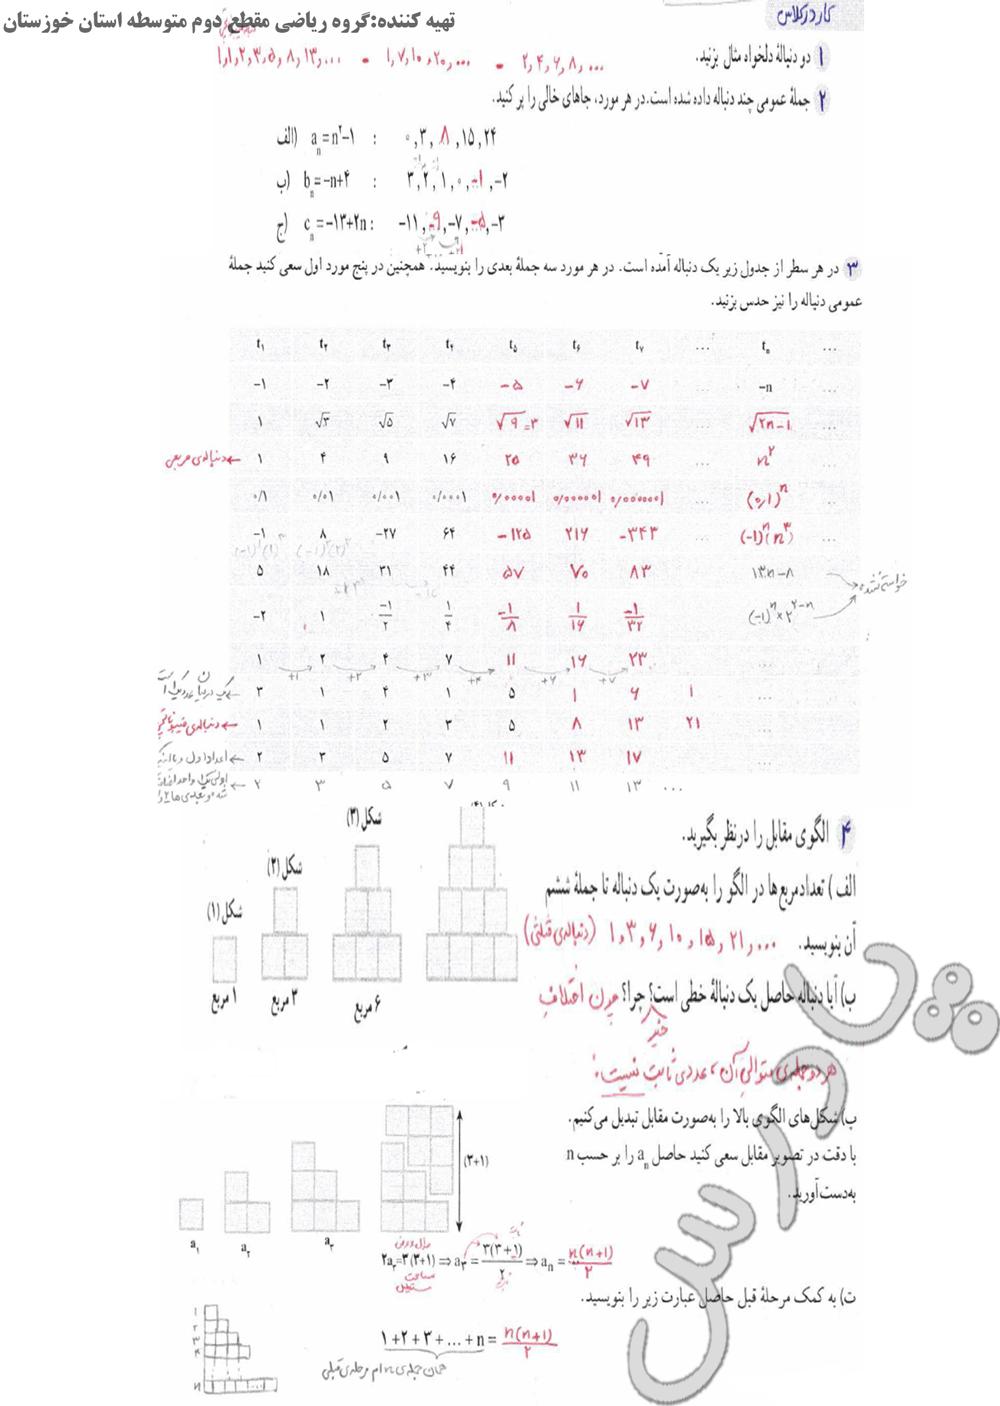 جواب کاردرکلاس صفحه 19